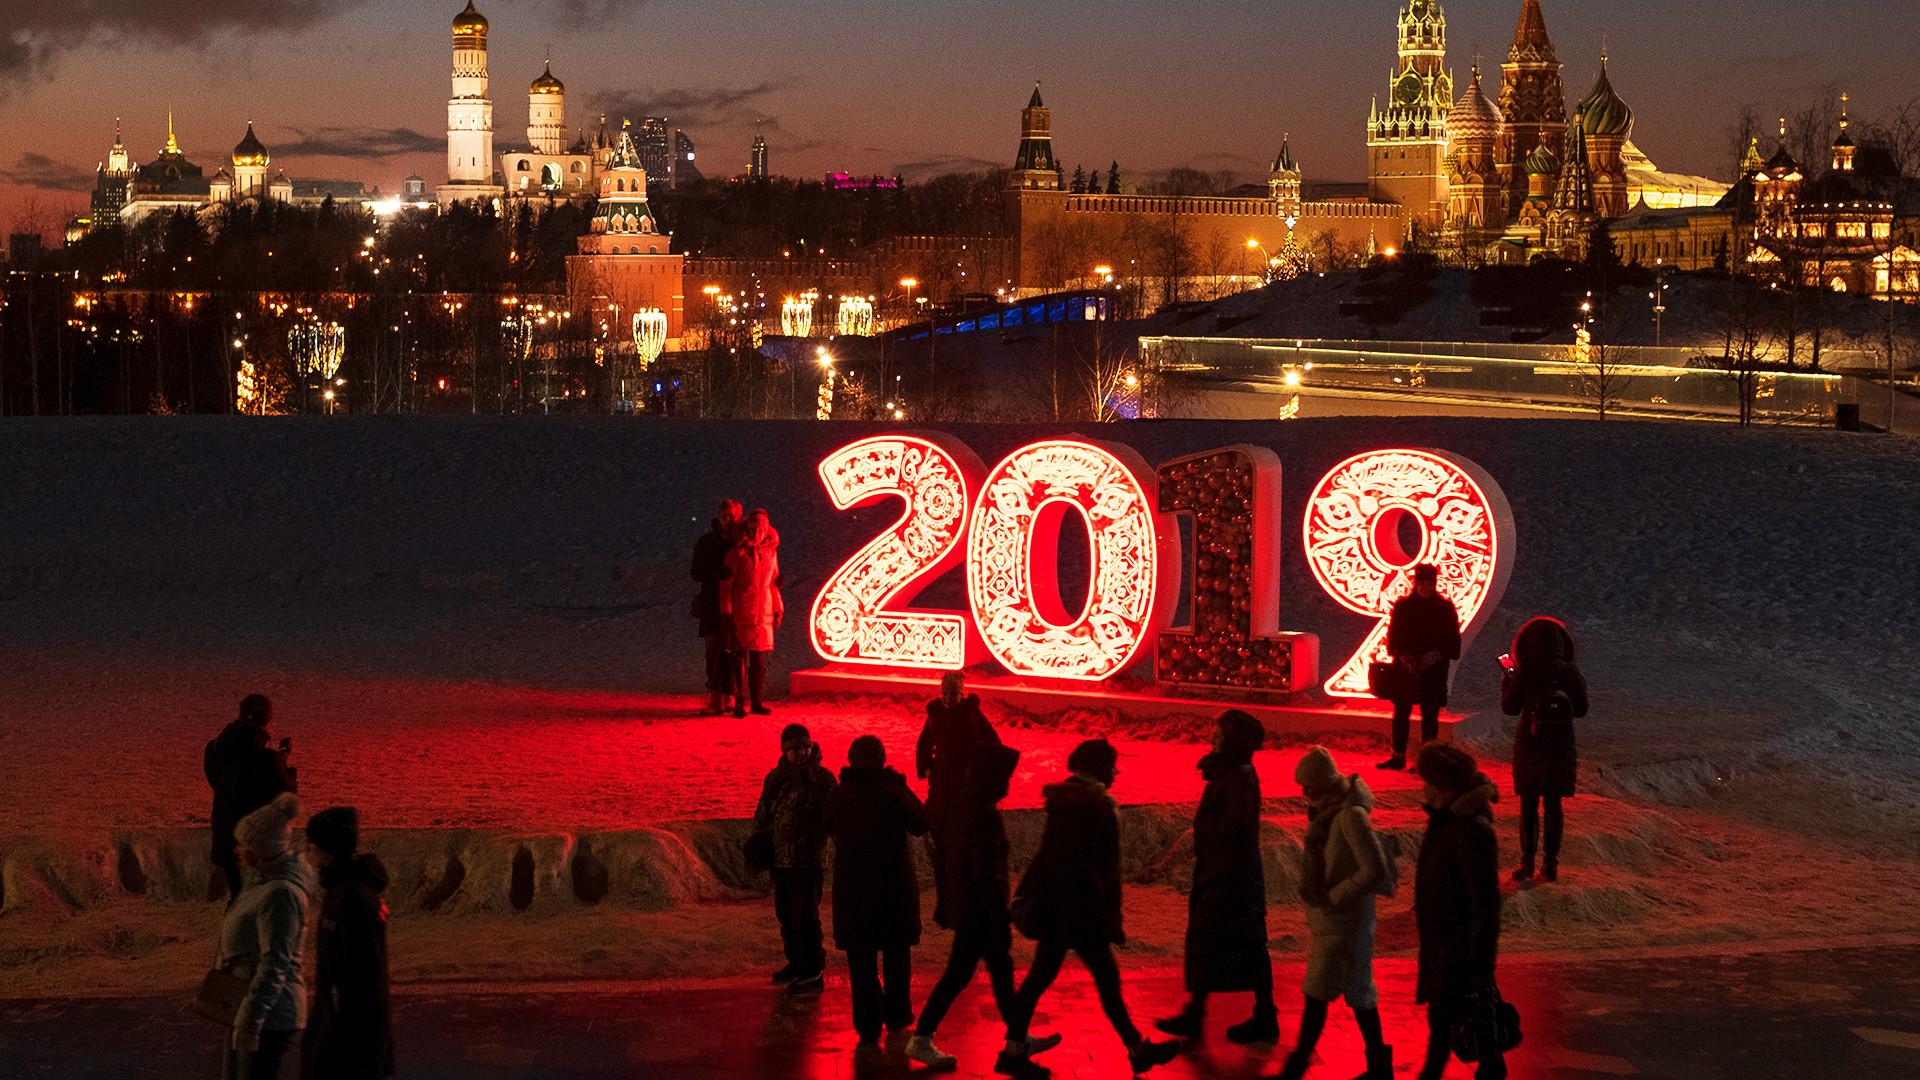 Посетители природно-ландшафтного парка «Зарядье» в Москве